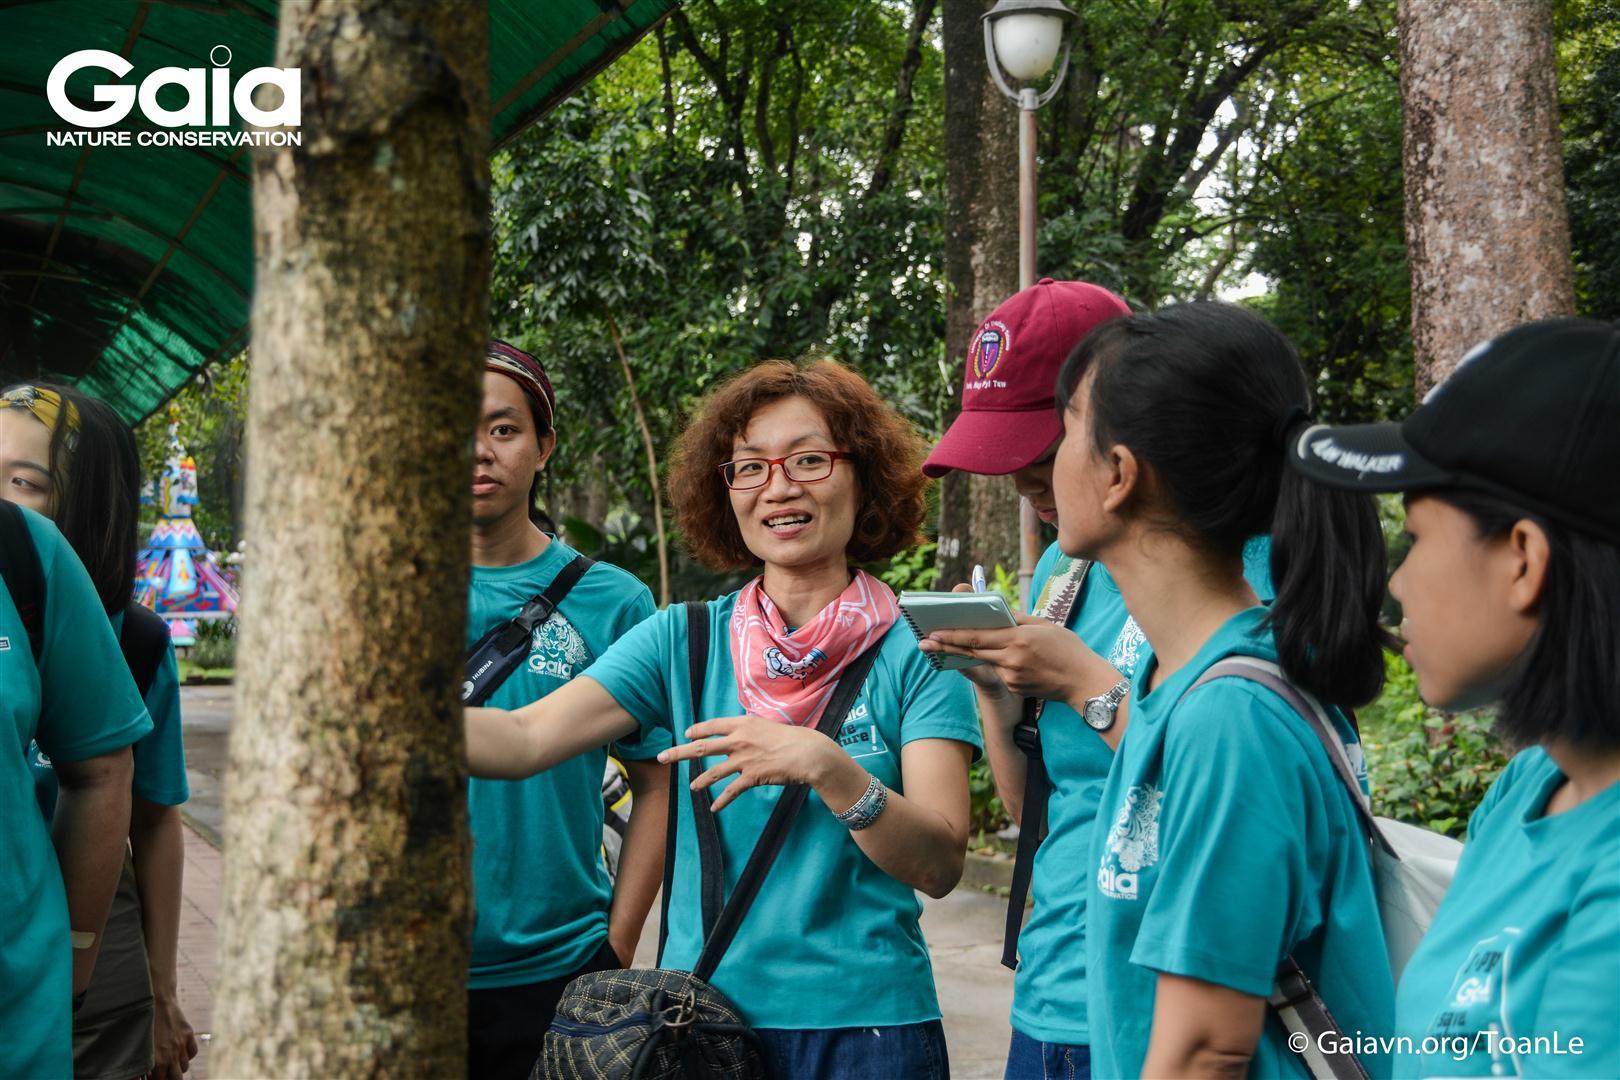 Chị Huyền, Giám đốc đồng thời là người sáng lập Trung tâm Bảo tồn Thiên nhiên Gaia, chia sẻ những câu chuyện đầy tâm huyết trong việc bảo tồn các loài động vật hoang dã.